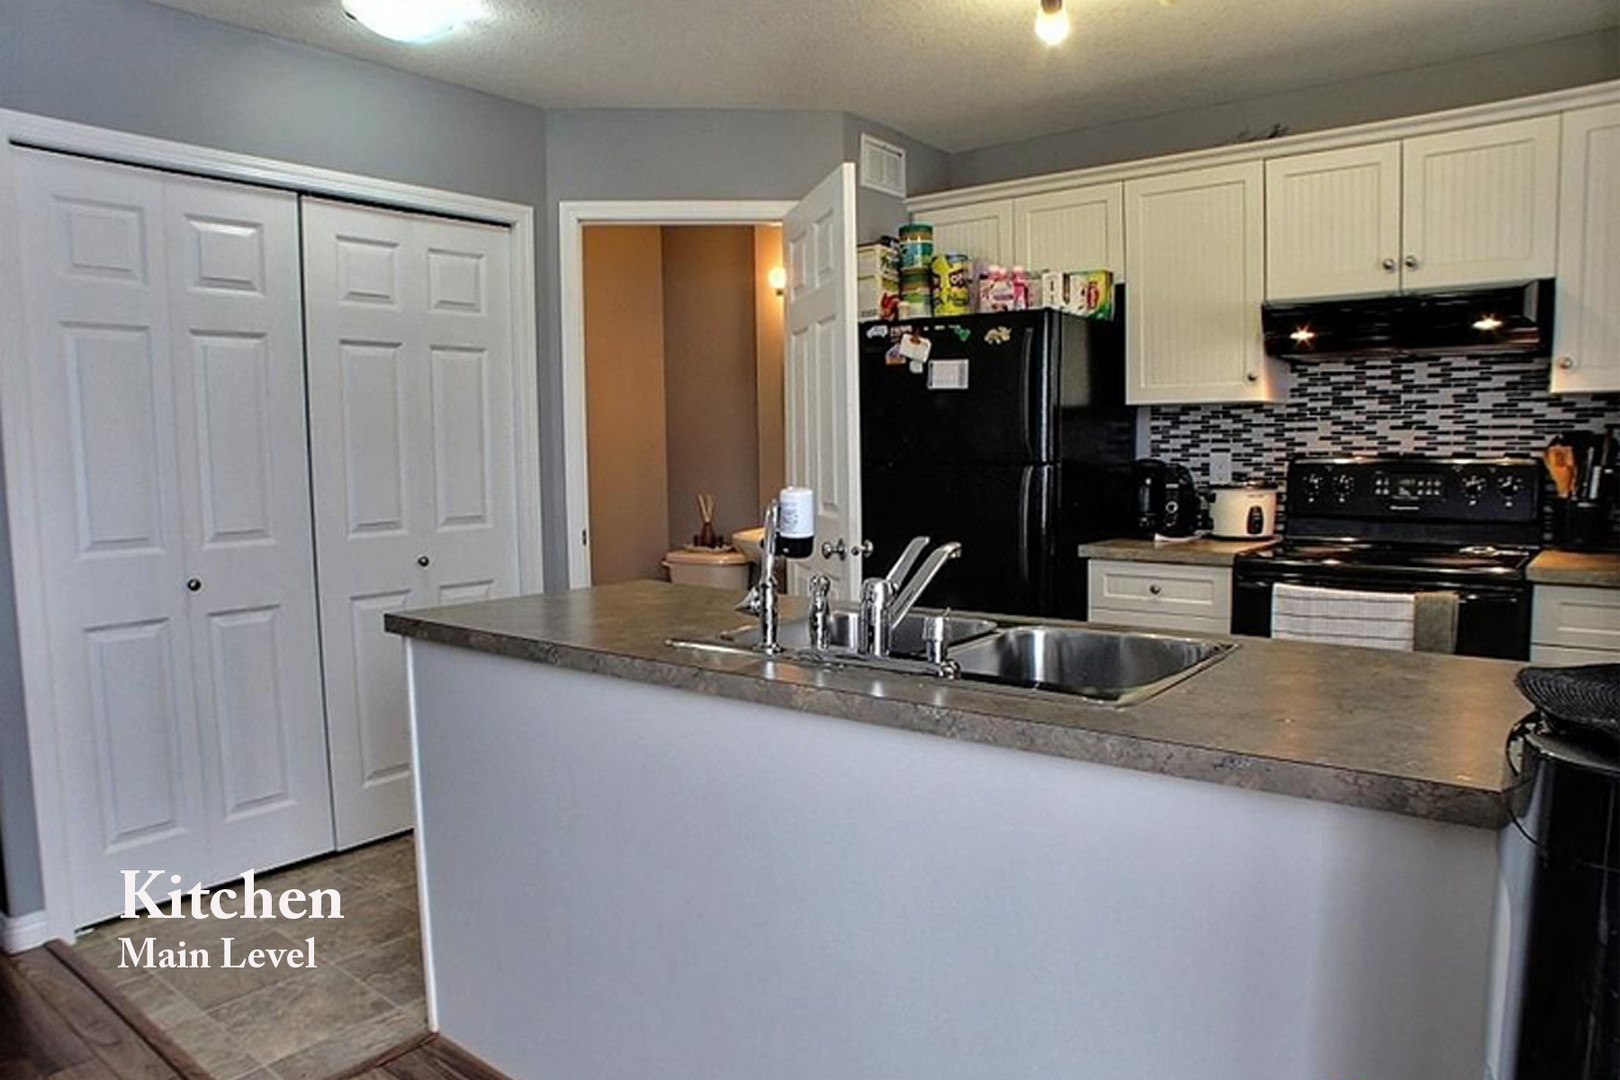 Kitchen Main level .jfif